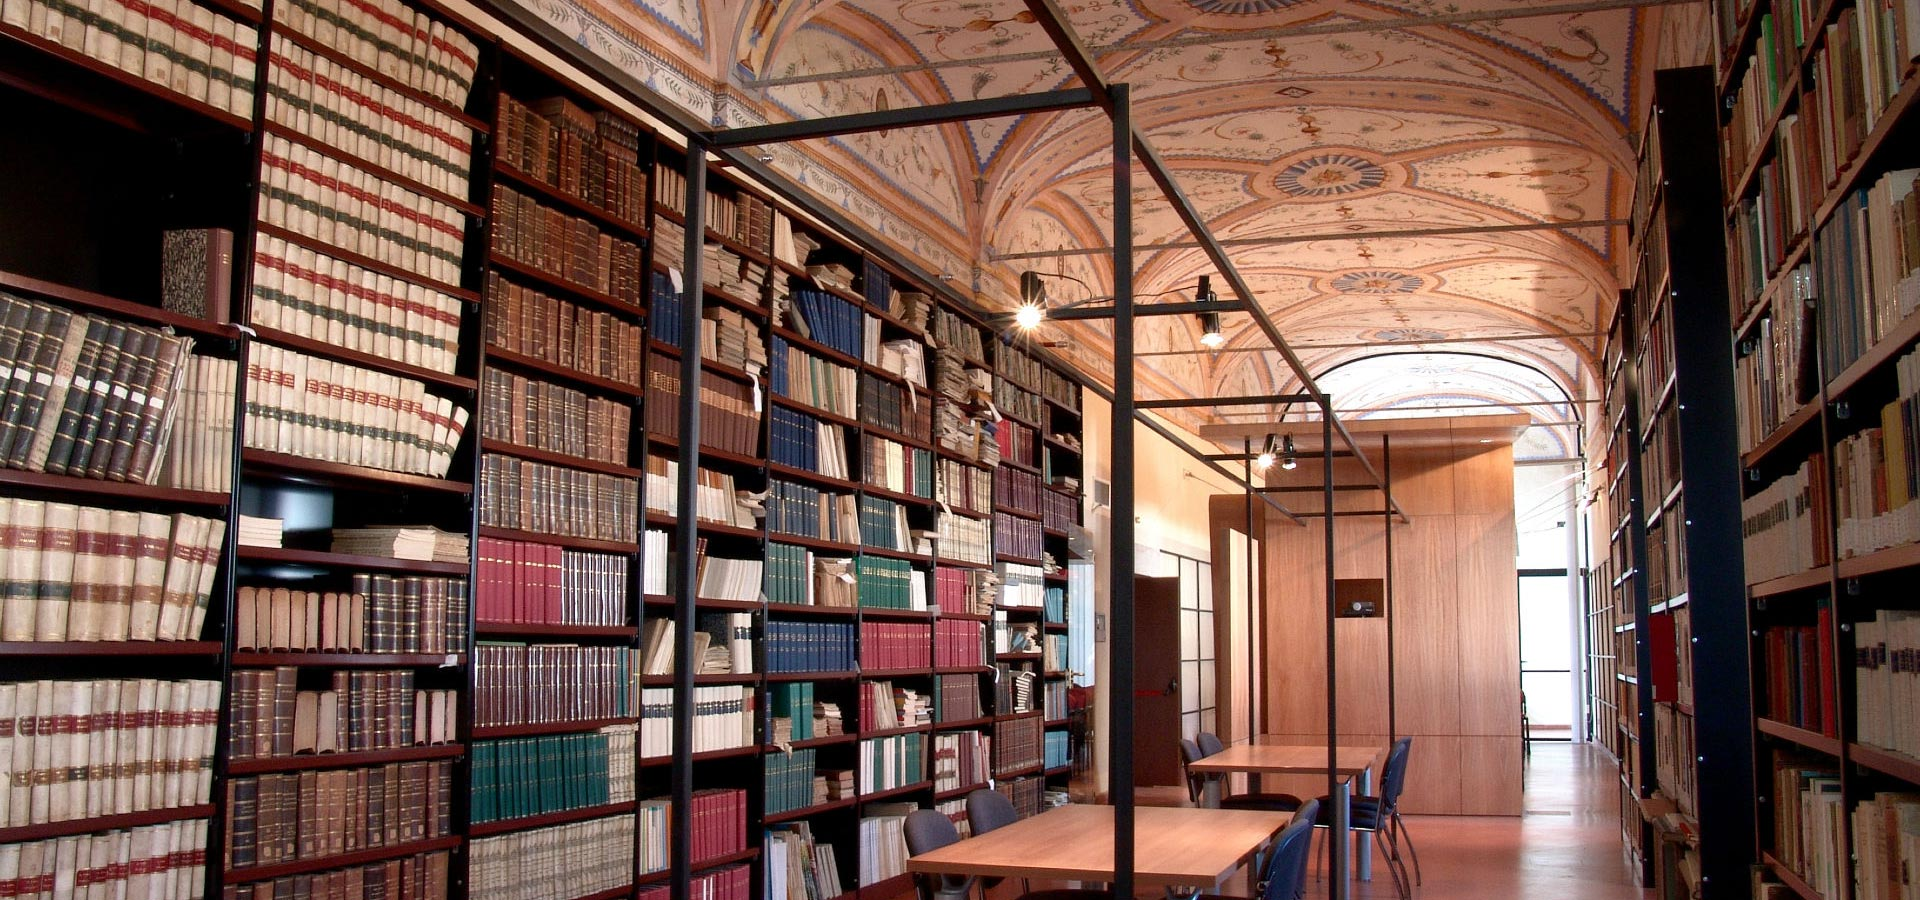 La forgia roma arredi per biblioteche ed archivi for Arredi per biblioteche